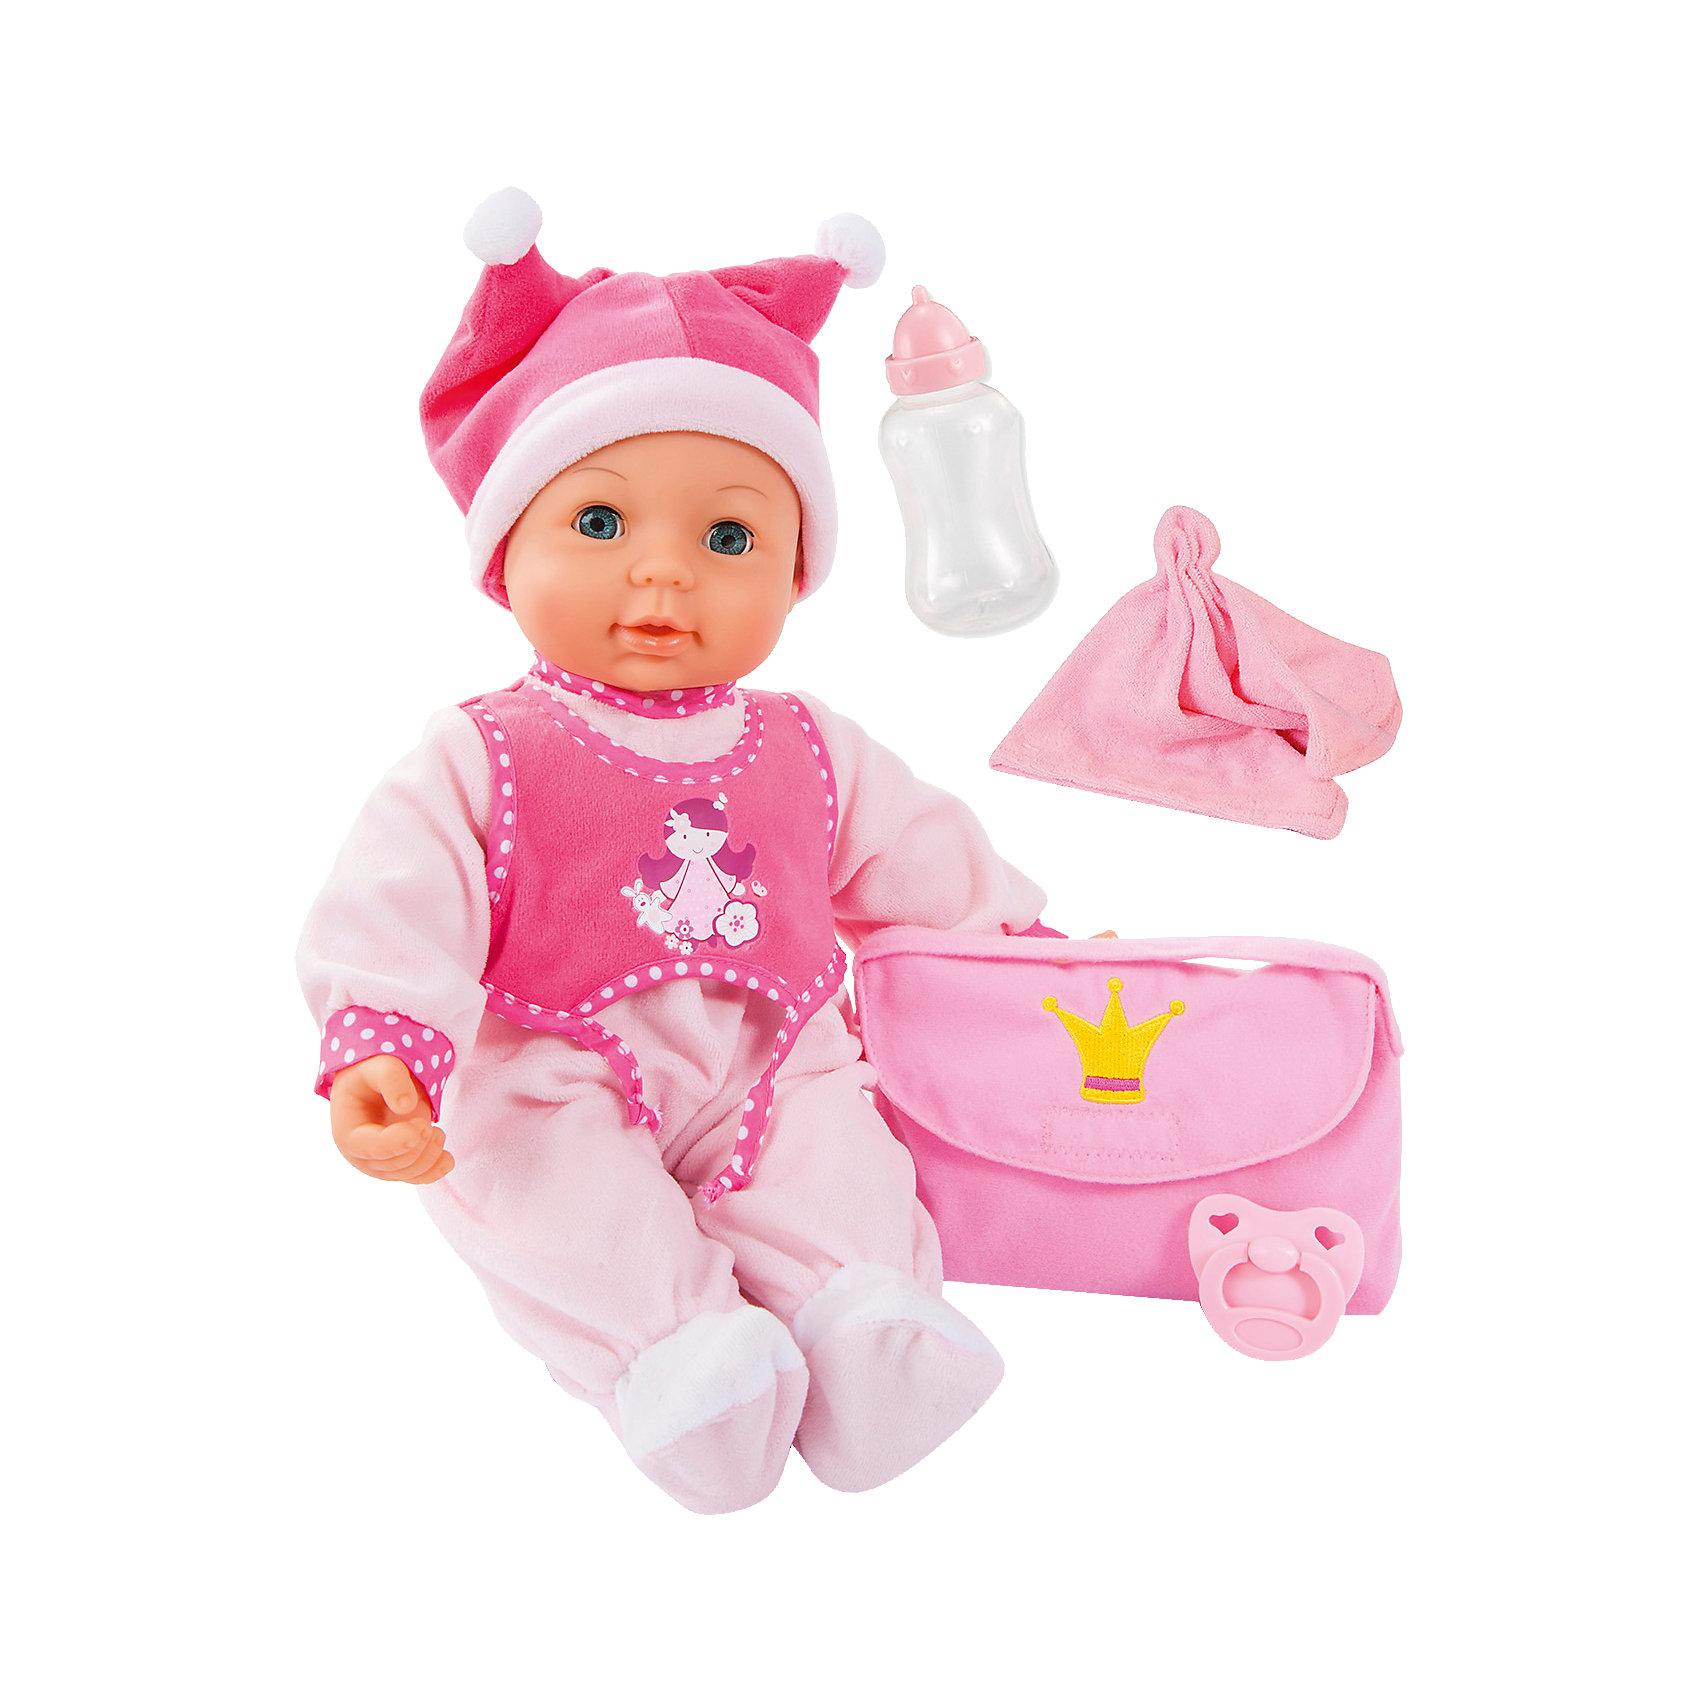 Малышка Первый поцелуй 42смБренды кукол<br>Малышка Первый поцелуй от известного бренда Bayer(Байер) позволит девочке почувствовать себя любящей заботливой мамой. Кукла имеет 18 функций, закрывает и открывает глаза. Отличный выбор для девочек!<br><br>Особенности:<br>- дотроньтесь щекой до ротика куклы - она поцелует вас<br>- нажмите кукле на животик, и она начнет издавать реалистичные звуки<br>- подкиньте куклу в воздух, и она начнет звонко смеяться<br>- одета в розовый комбинезон и забавную шапочку с помпонами<br><br>Дополнительная информация:<br>В комплекте: кукла, бутылочка, полотенце, соска, сумка<br>Высота: 42 см<br>Батарейки: входят в комплект<br>Материал: пластик, текстиль<br><br>Малышку Первый поцелуй от Bayer(Байер) можно купить в нашем интернет-магазине.<br><br>Ширина мм: 388<br>Глубина мм: 366<br>Высота мм: 189<br>Вес г: 1154<br>Возраст от месяцев: 18<br>Возраст до месяцев: 60<br>Пол: Женский<br>Возраст: Детский<br>SKU: 4094134